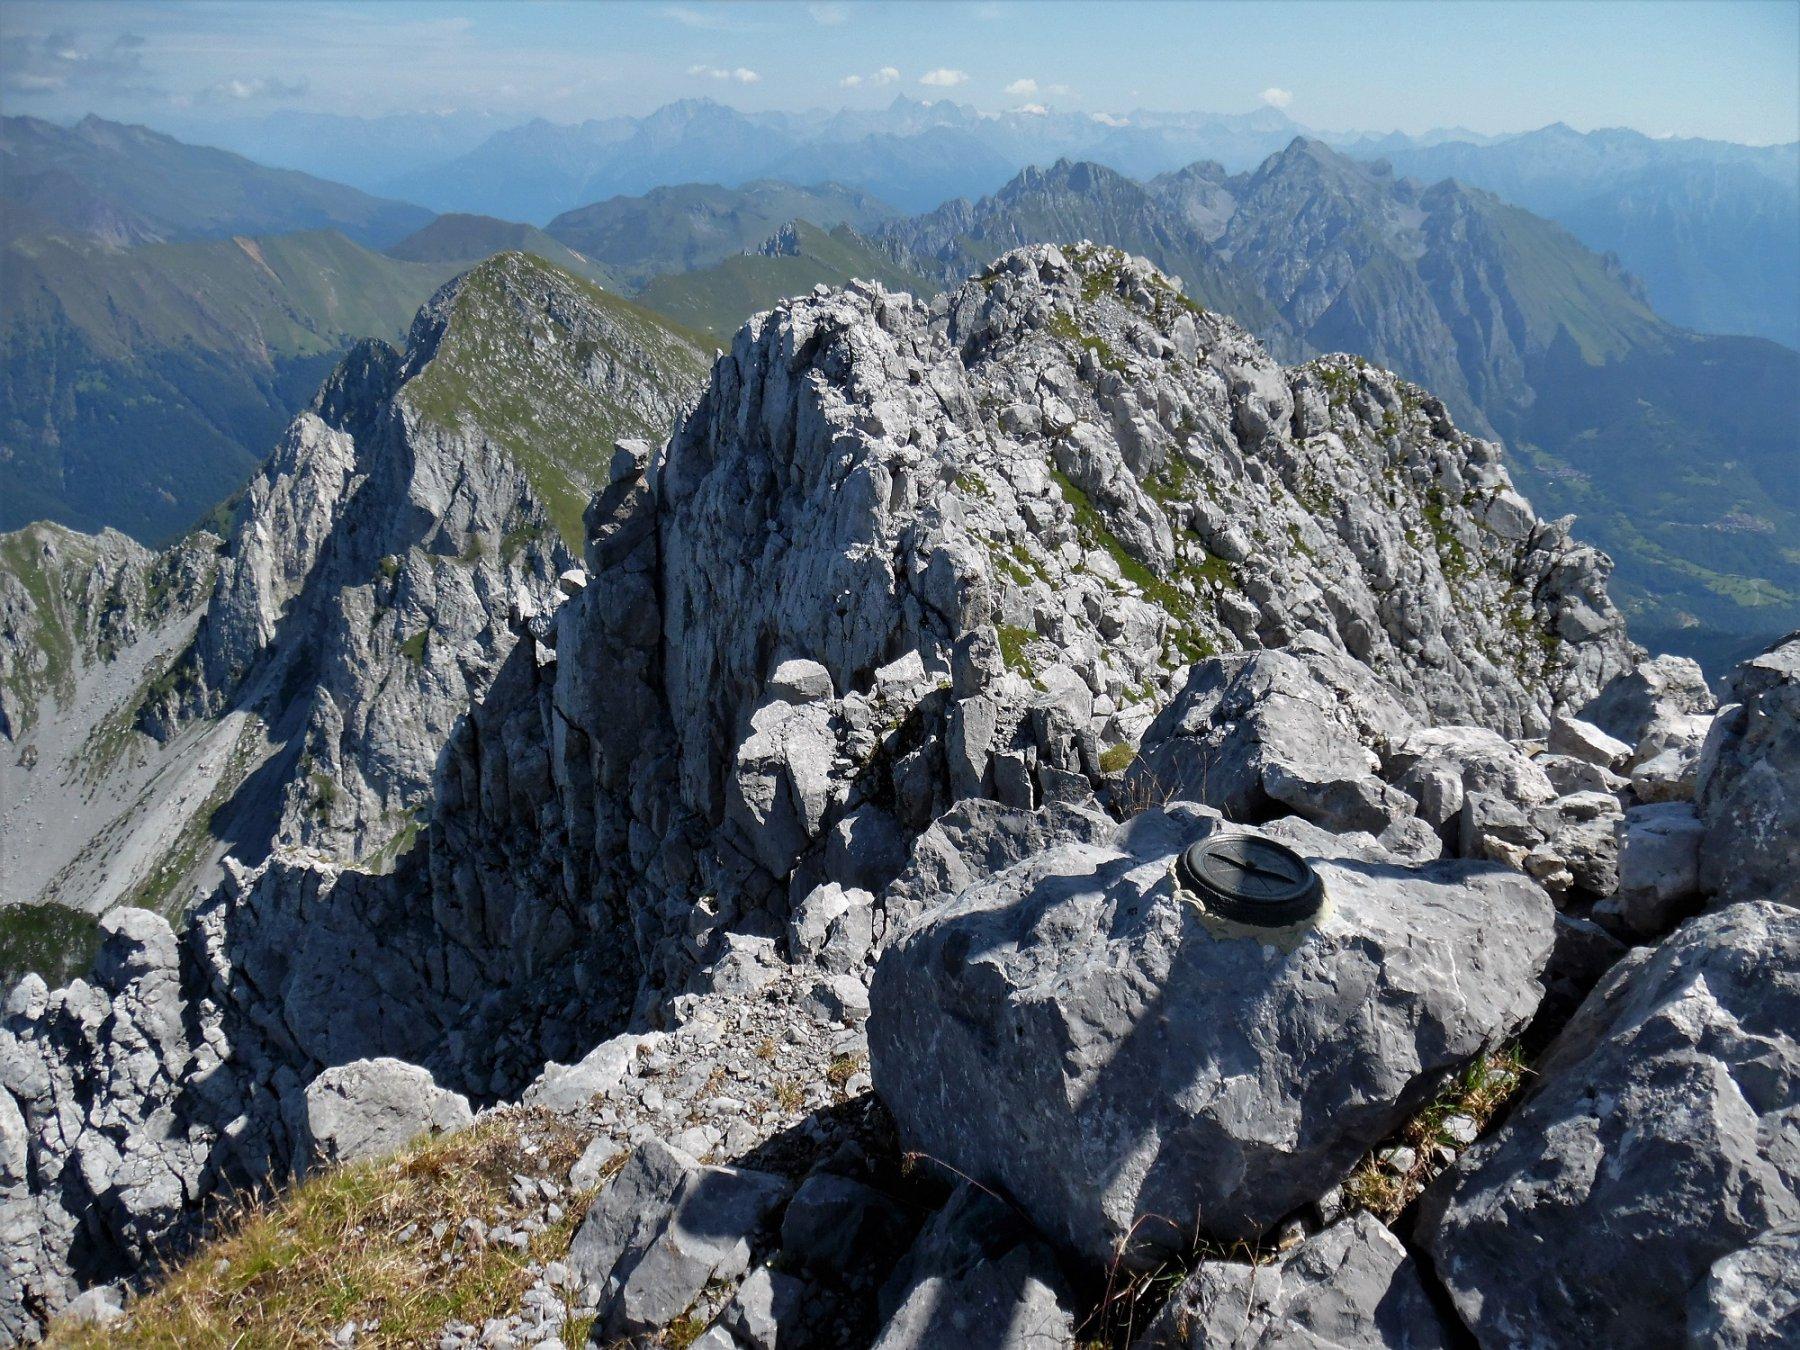 Punto trigonometrico in cima al Pizzo Camino 2491 m. Dietro, monte Sossino